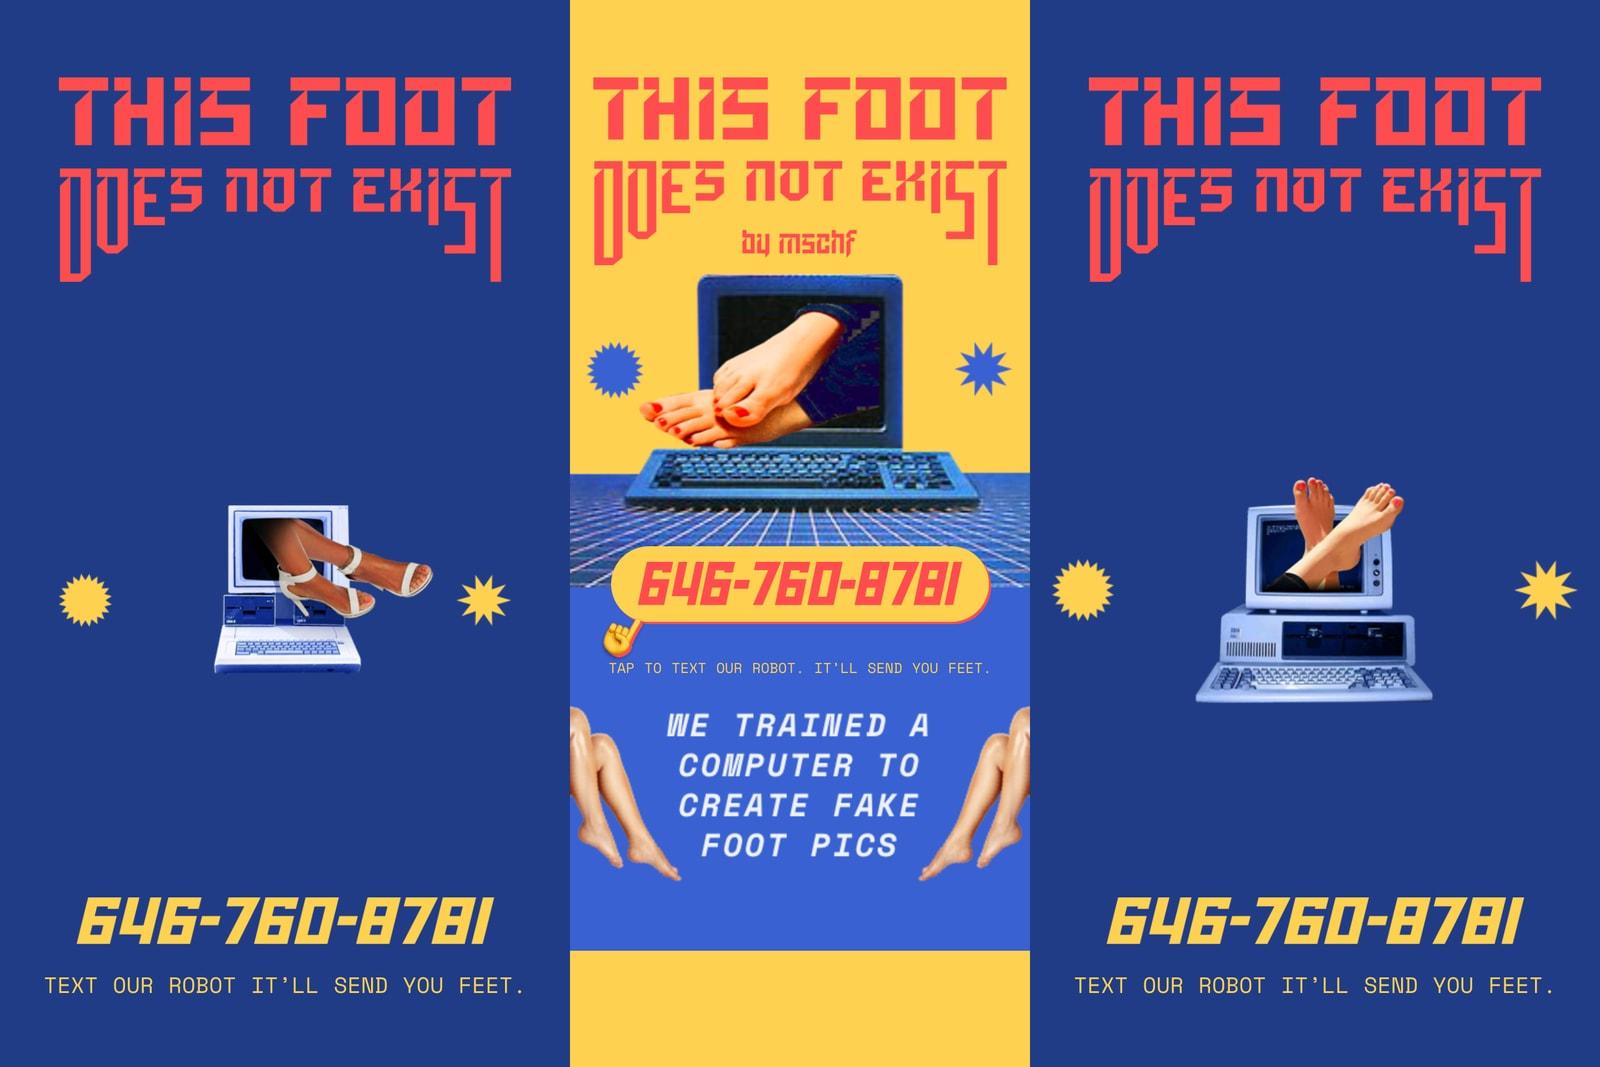 揭秘 Google 最熱搜球鞋「Jesus Shoe」背後團體及創作故事 | 專訪 MSCHF 創始人 Gabriel Whaley